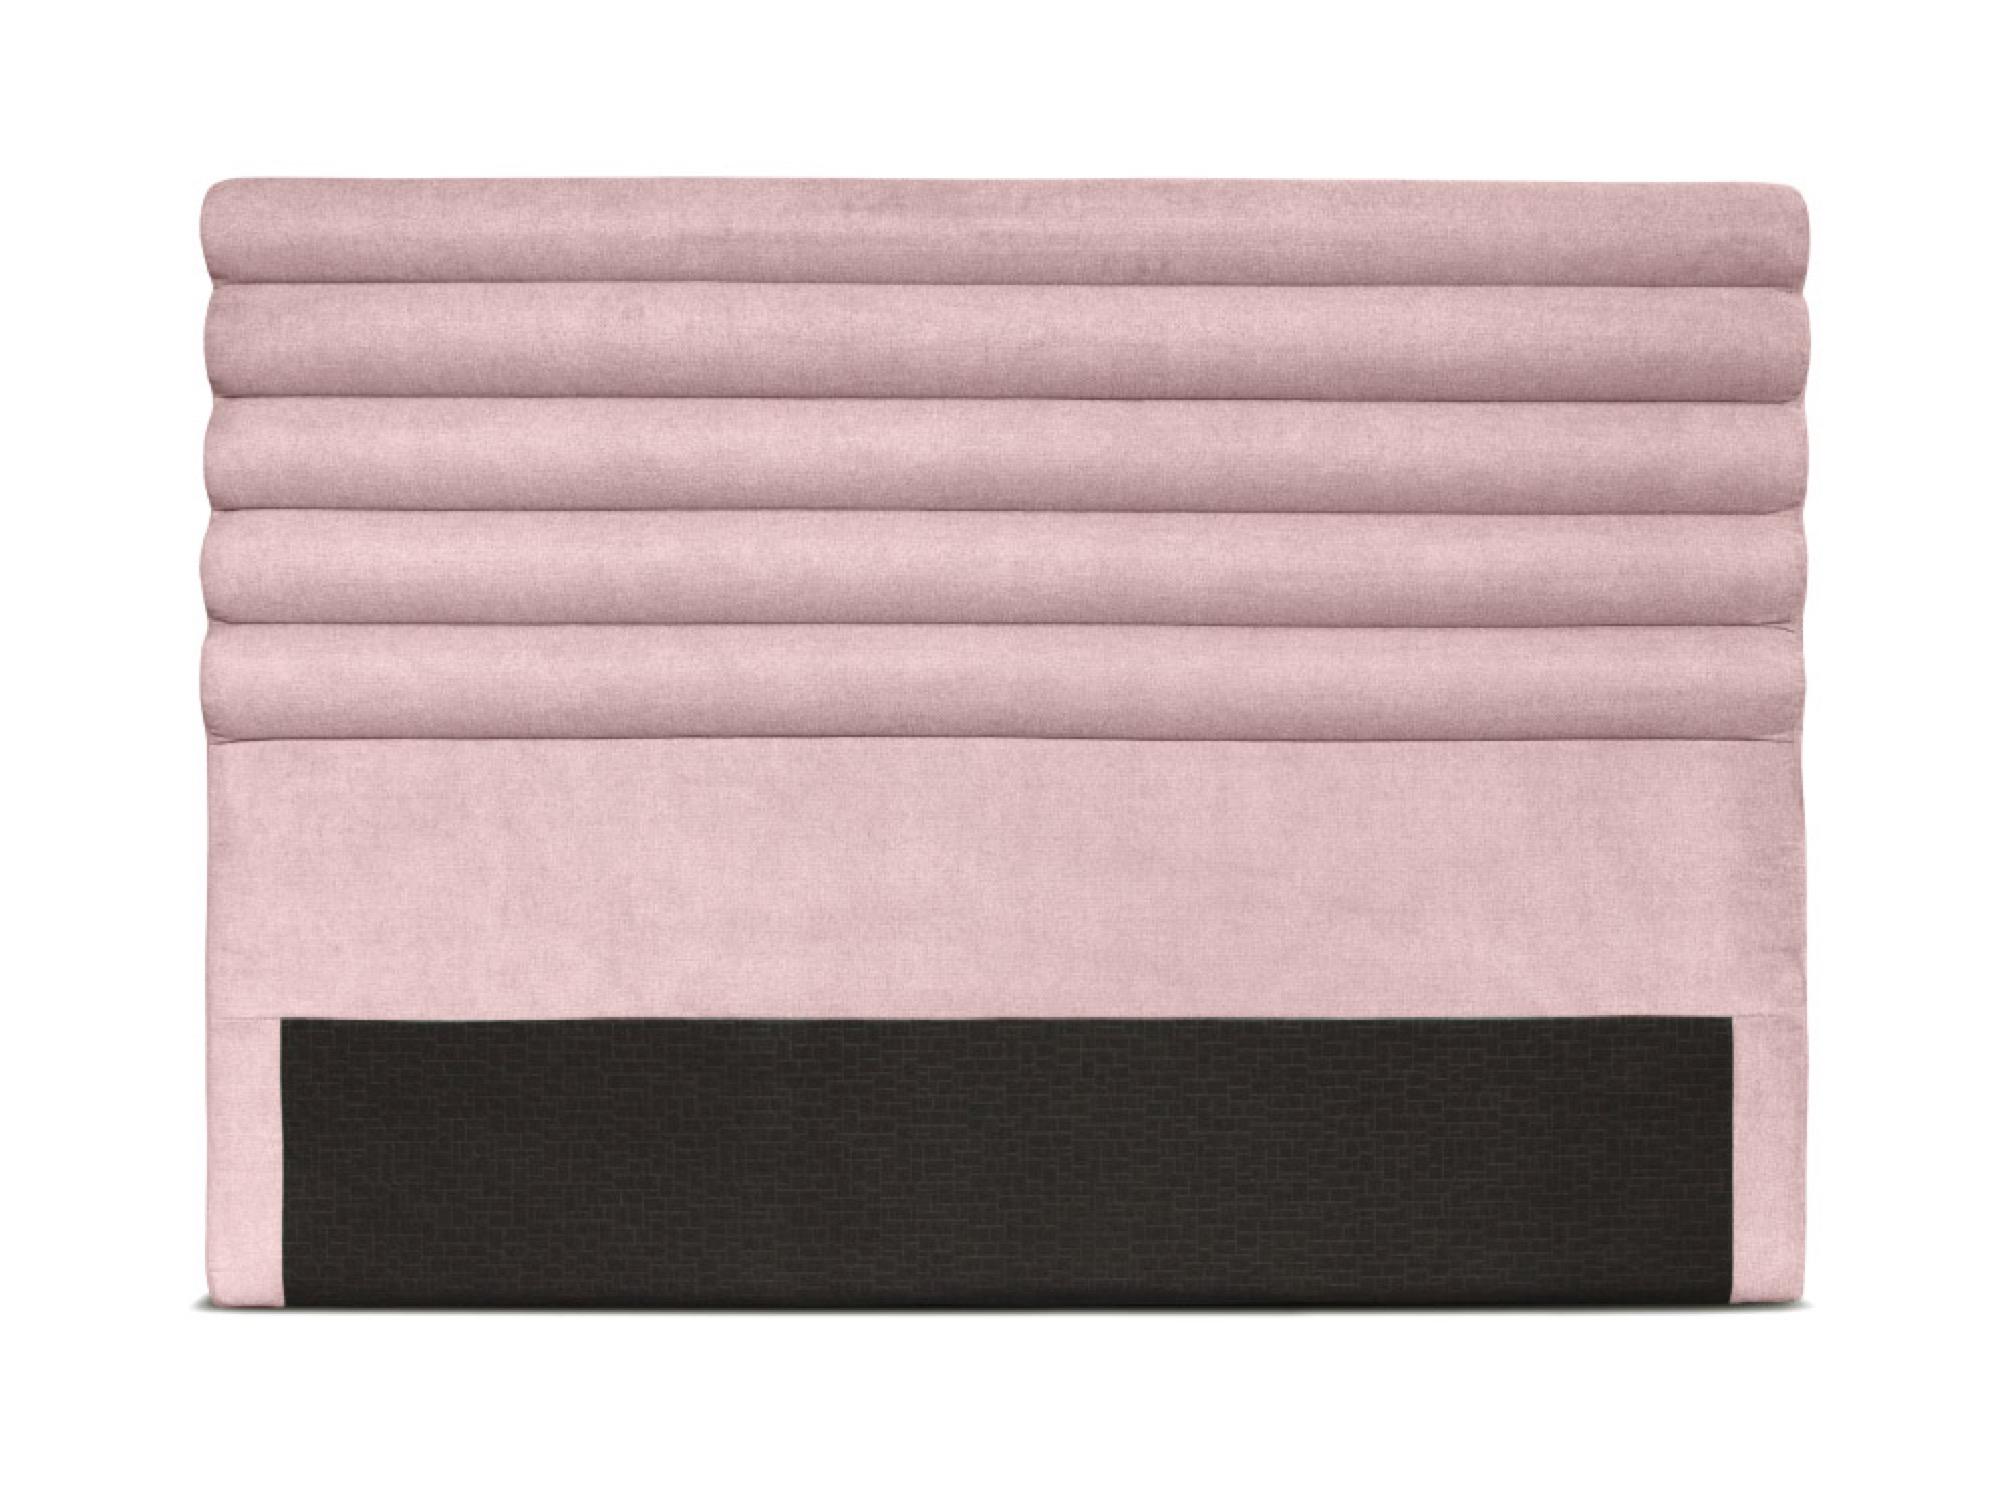 Tête de lit design en tissu rose - 160cm